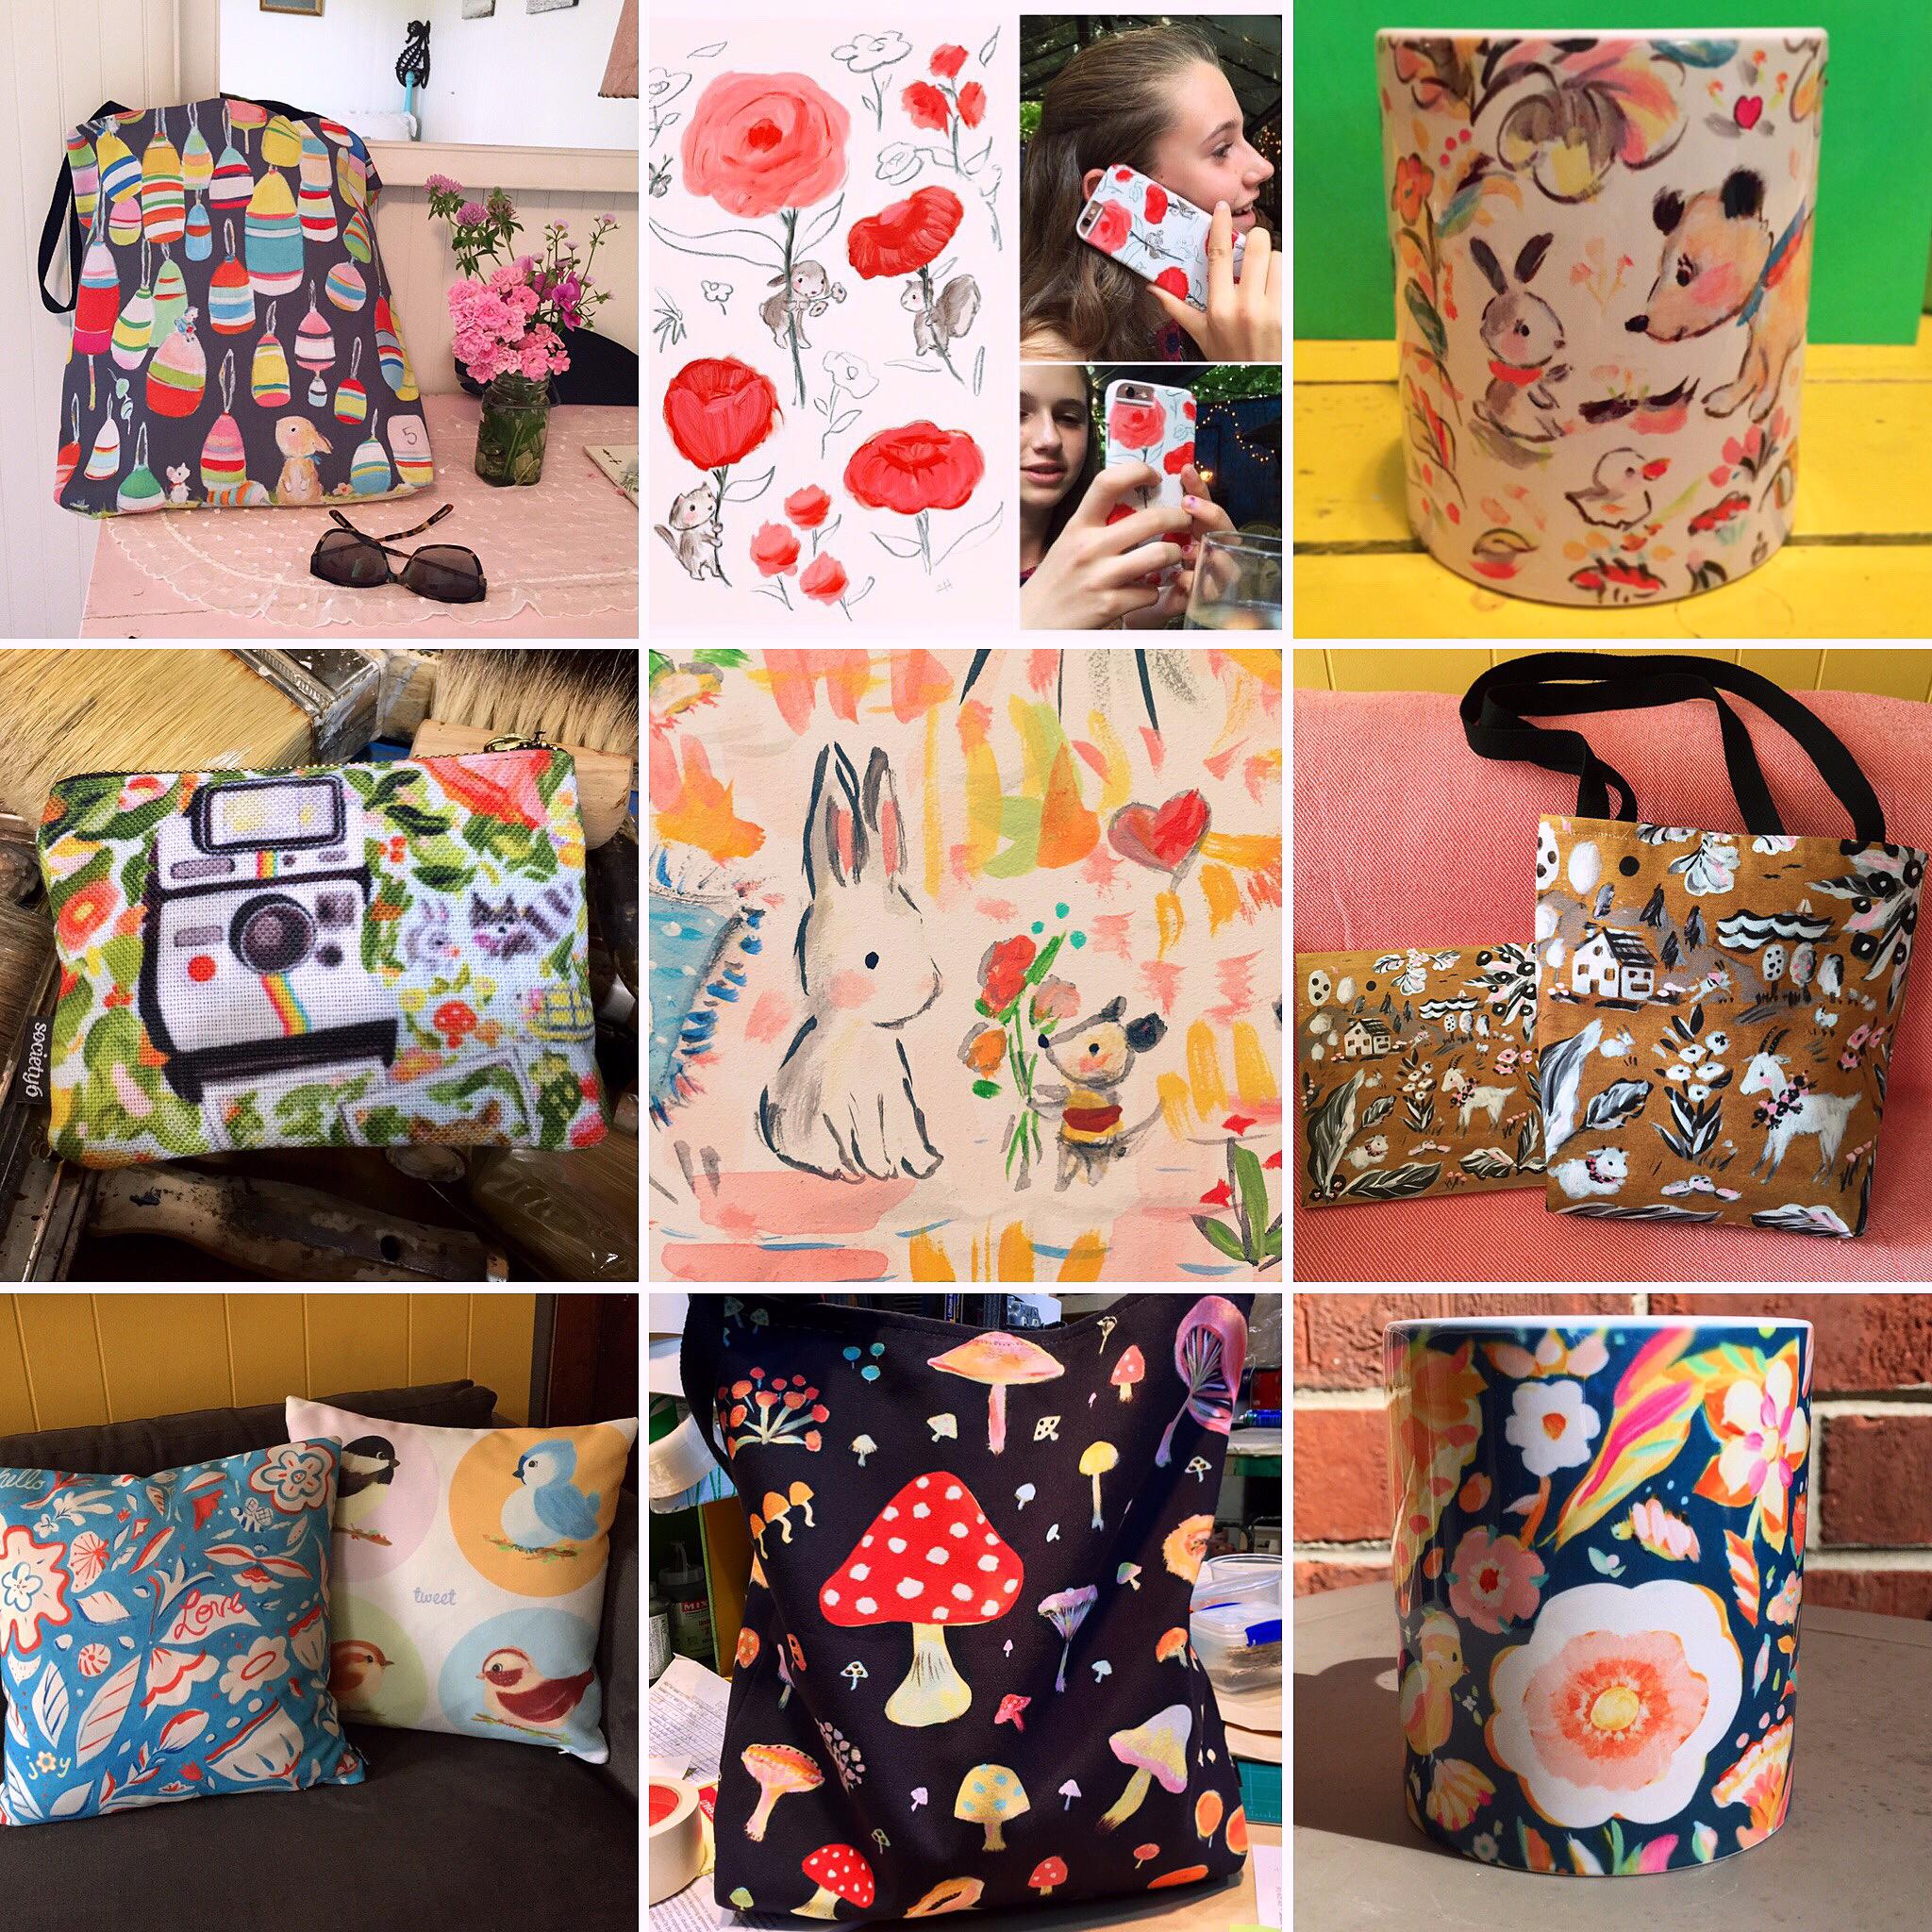 Allyn_Howard_Mix-bags_phones_pillows_mugs.jpg